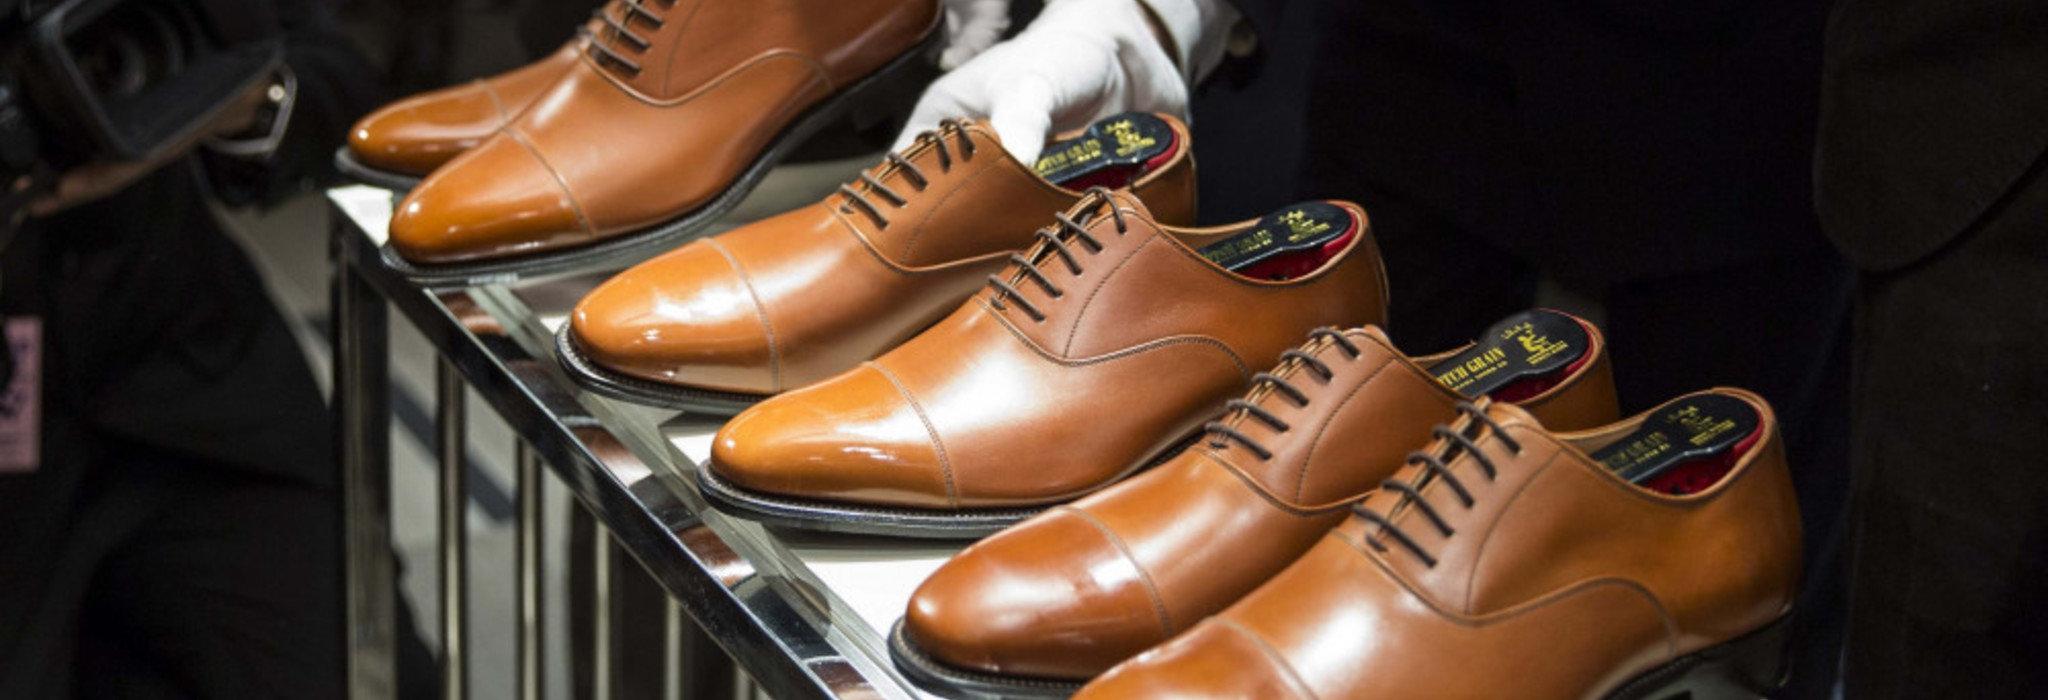 立ち見続出の「靴磨き選手権大会」。主催者が語る舞台裏_image